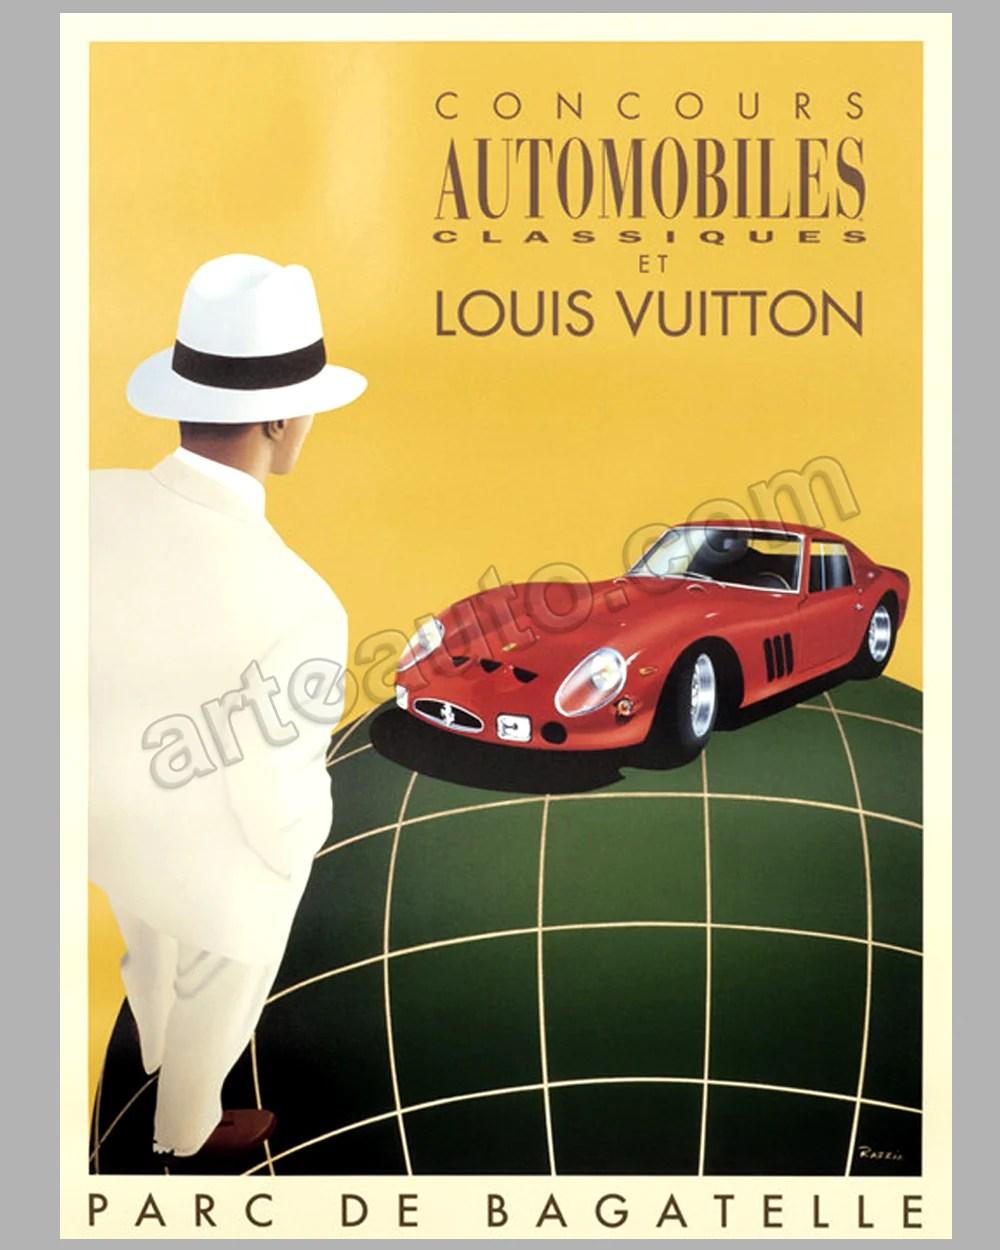 louis vuitton bagatelle concours d elegance 1995 large original event poster by razzia